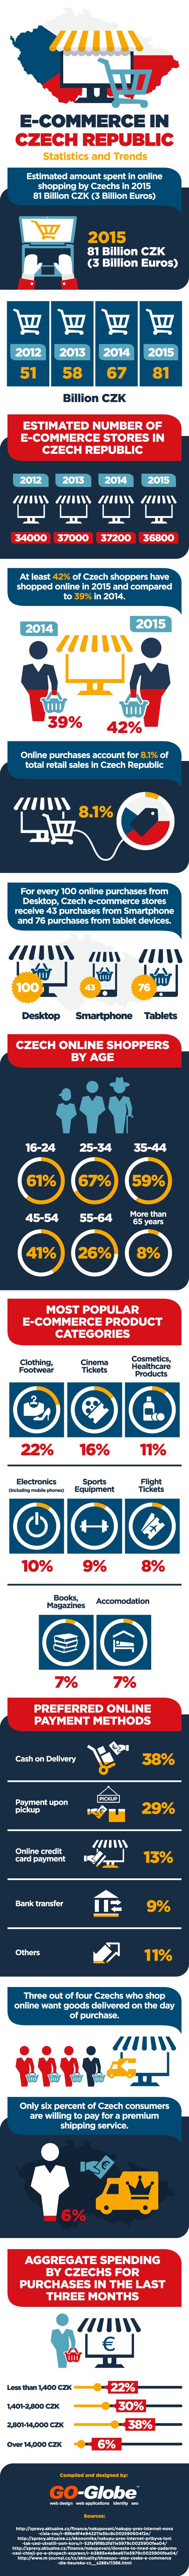 E-komerce v České republice - Statistiky a trendy